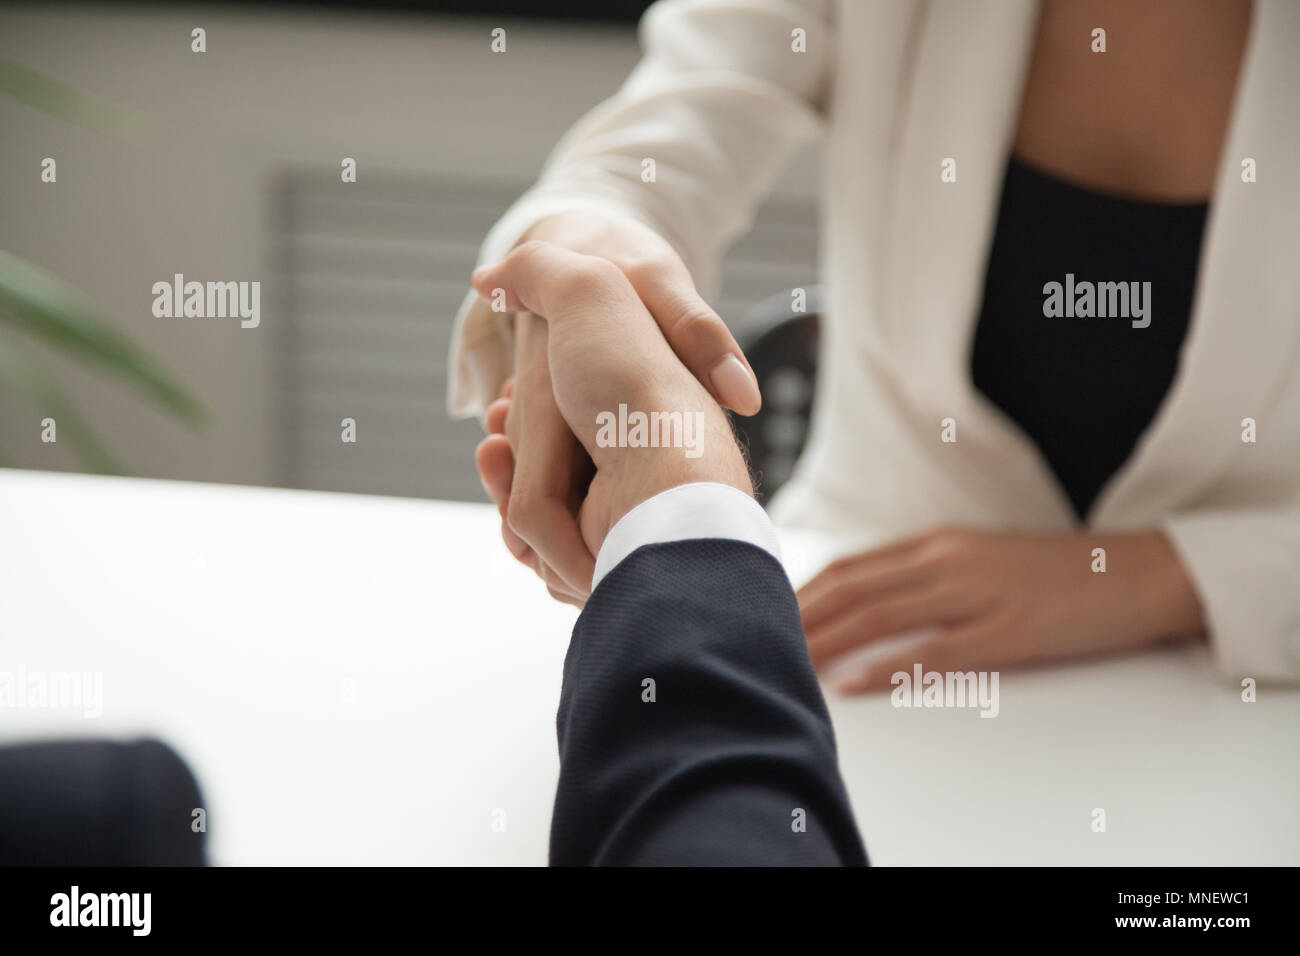 Lavoratore di sesso femminile che saluto business partner con handshake Immagini Stock